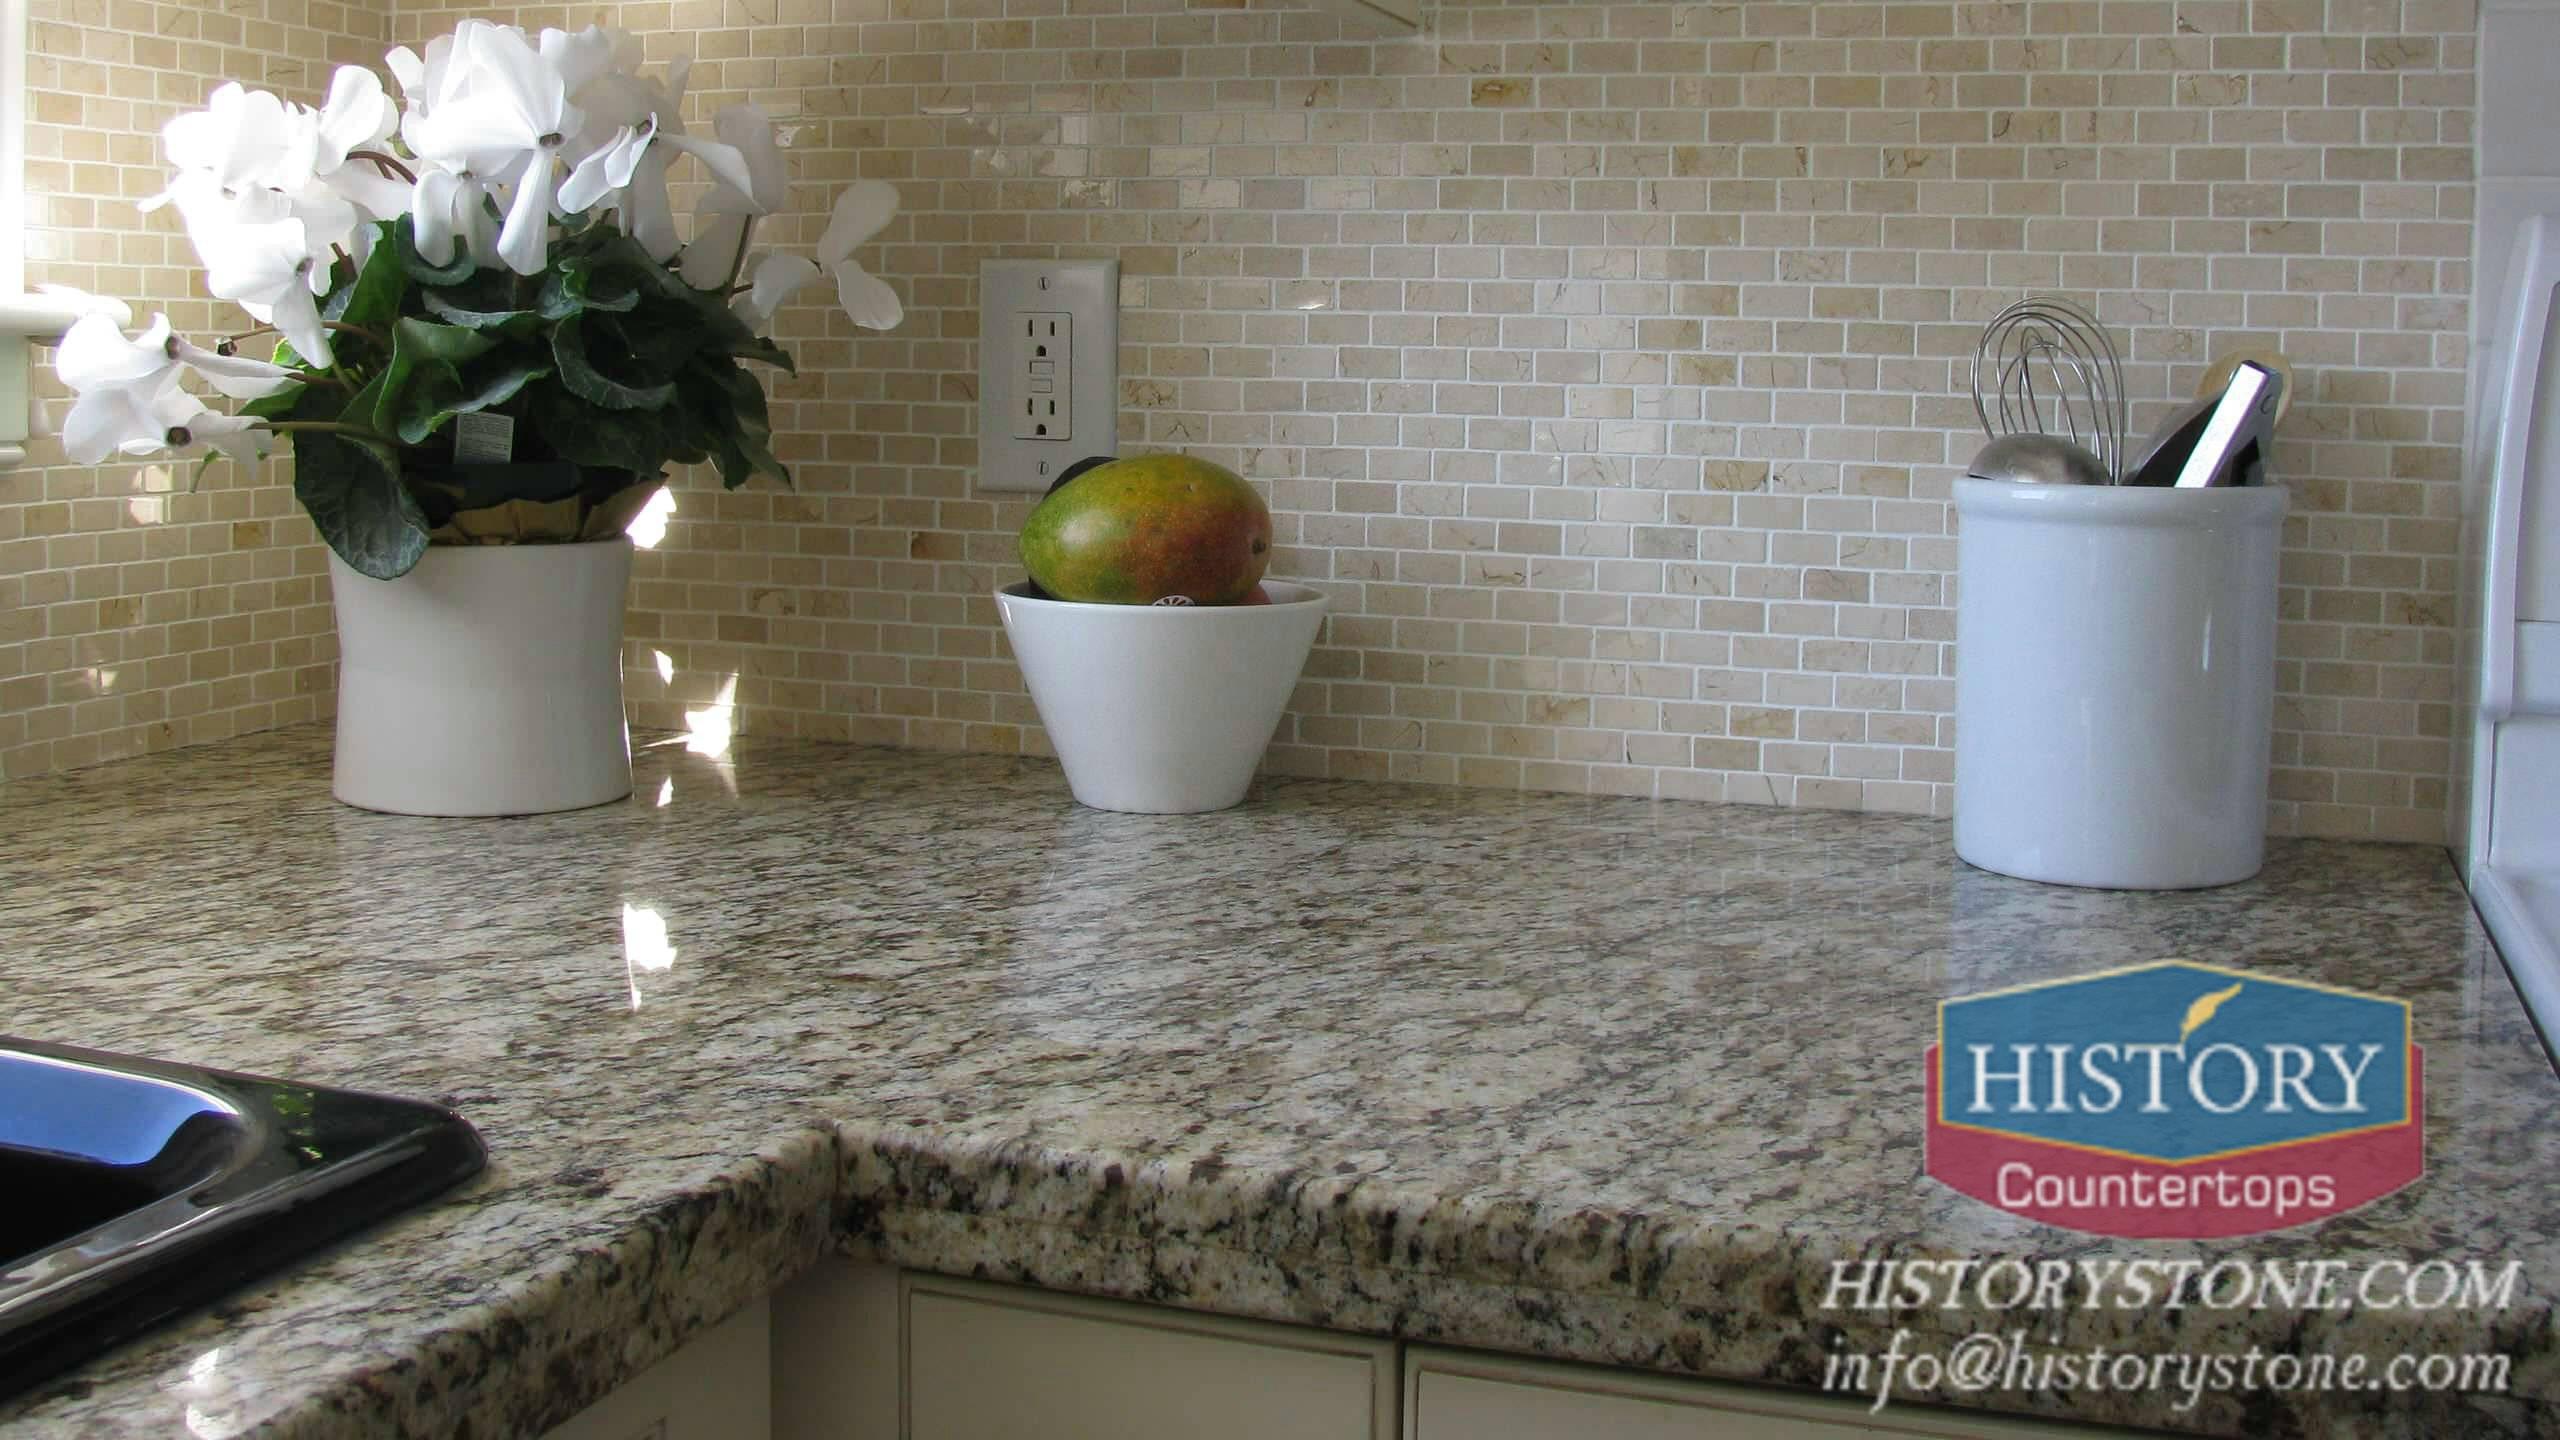 HistorystoneHGJ041-Santa-Cecilia-Granite-Countertops-Bathroom-Sink-Countertop